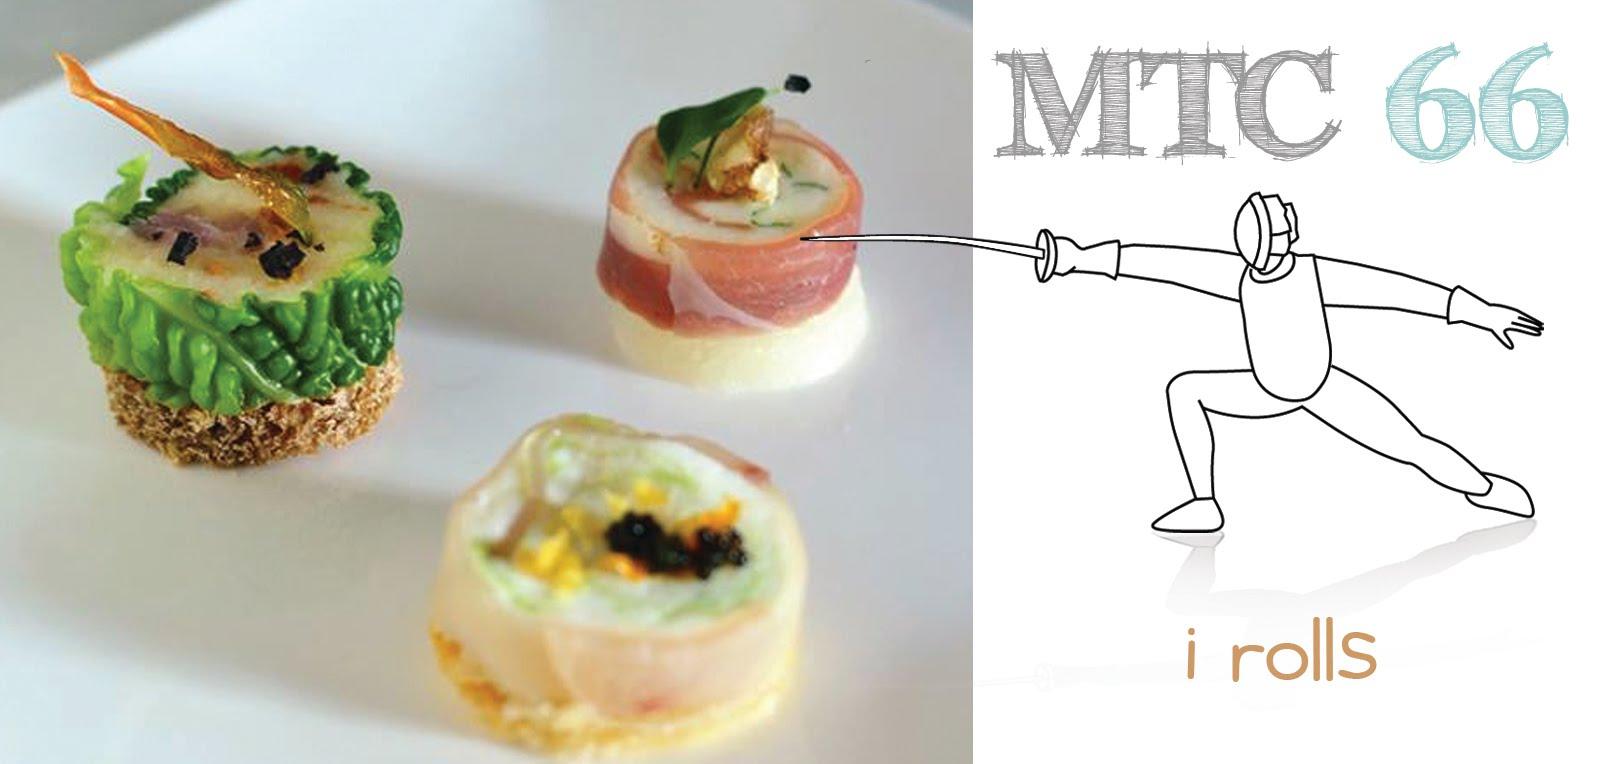 tocco e tacchi - blog di cucina e non solo: genova 4 -11- 2011 h 13,20 - Officina Di Cucina Genova